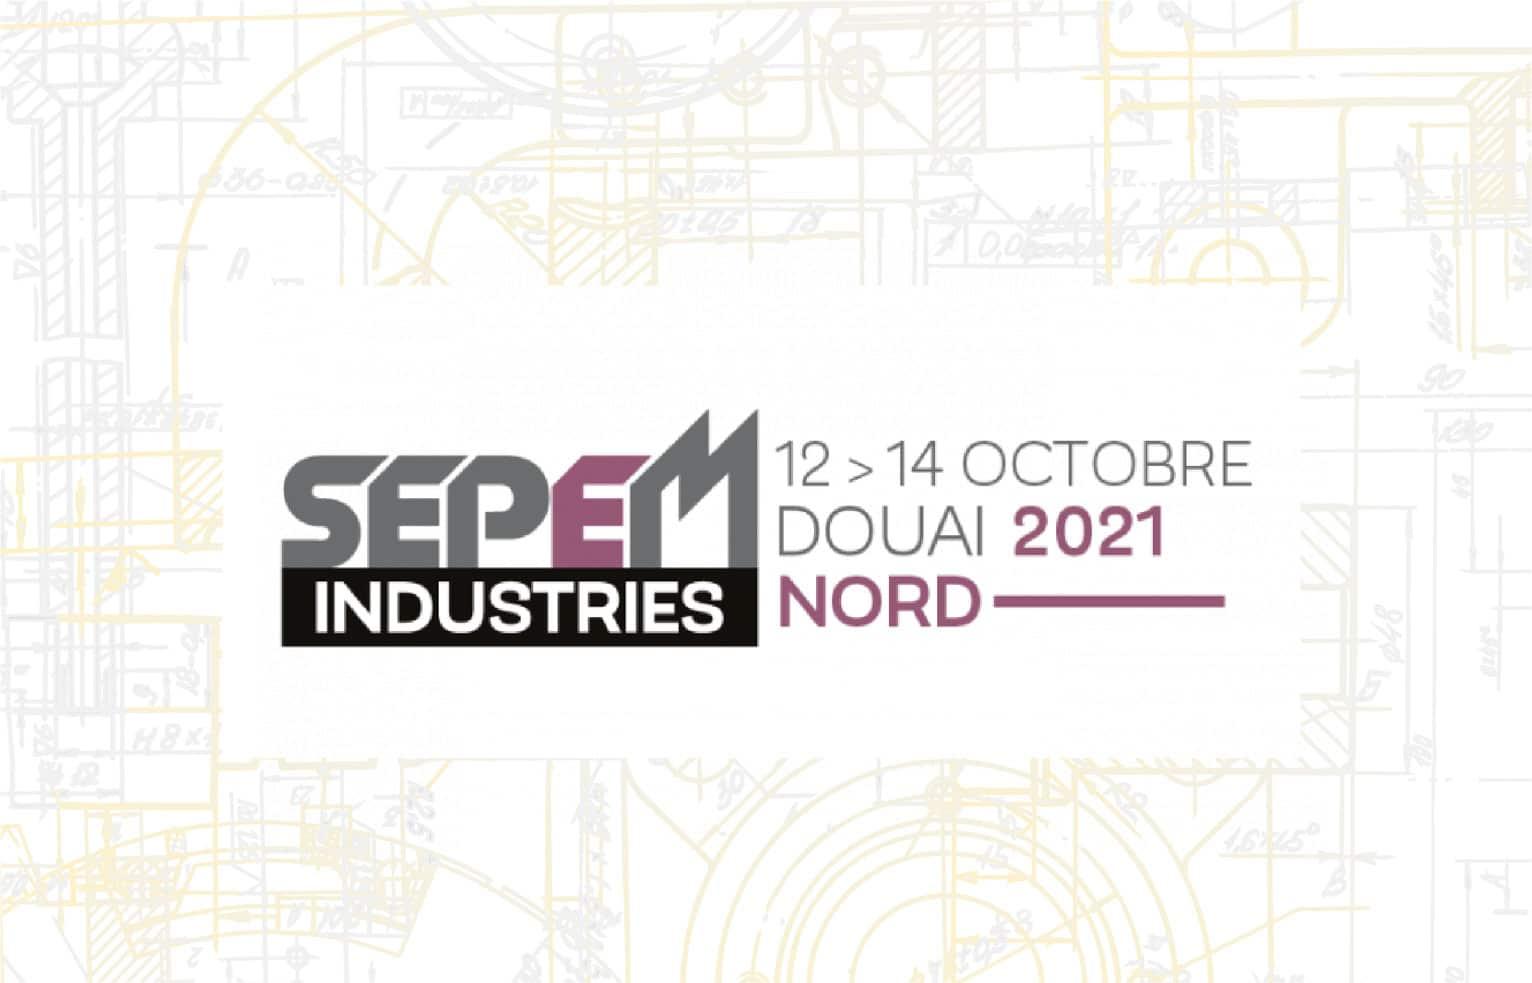 SEPEM Douai Trade Fair